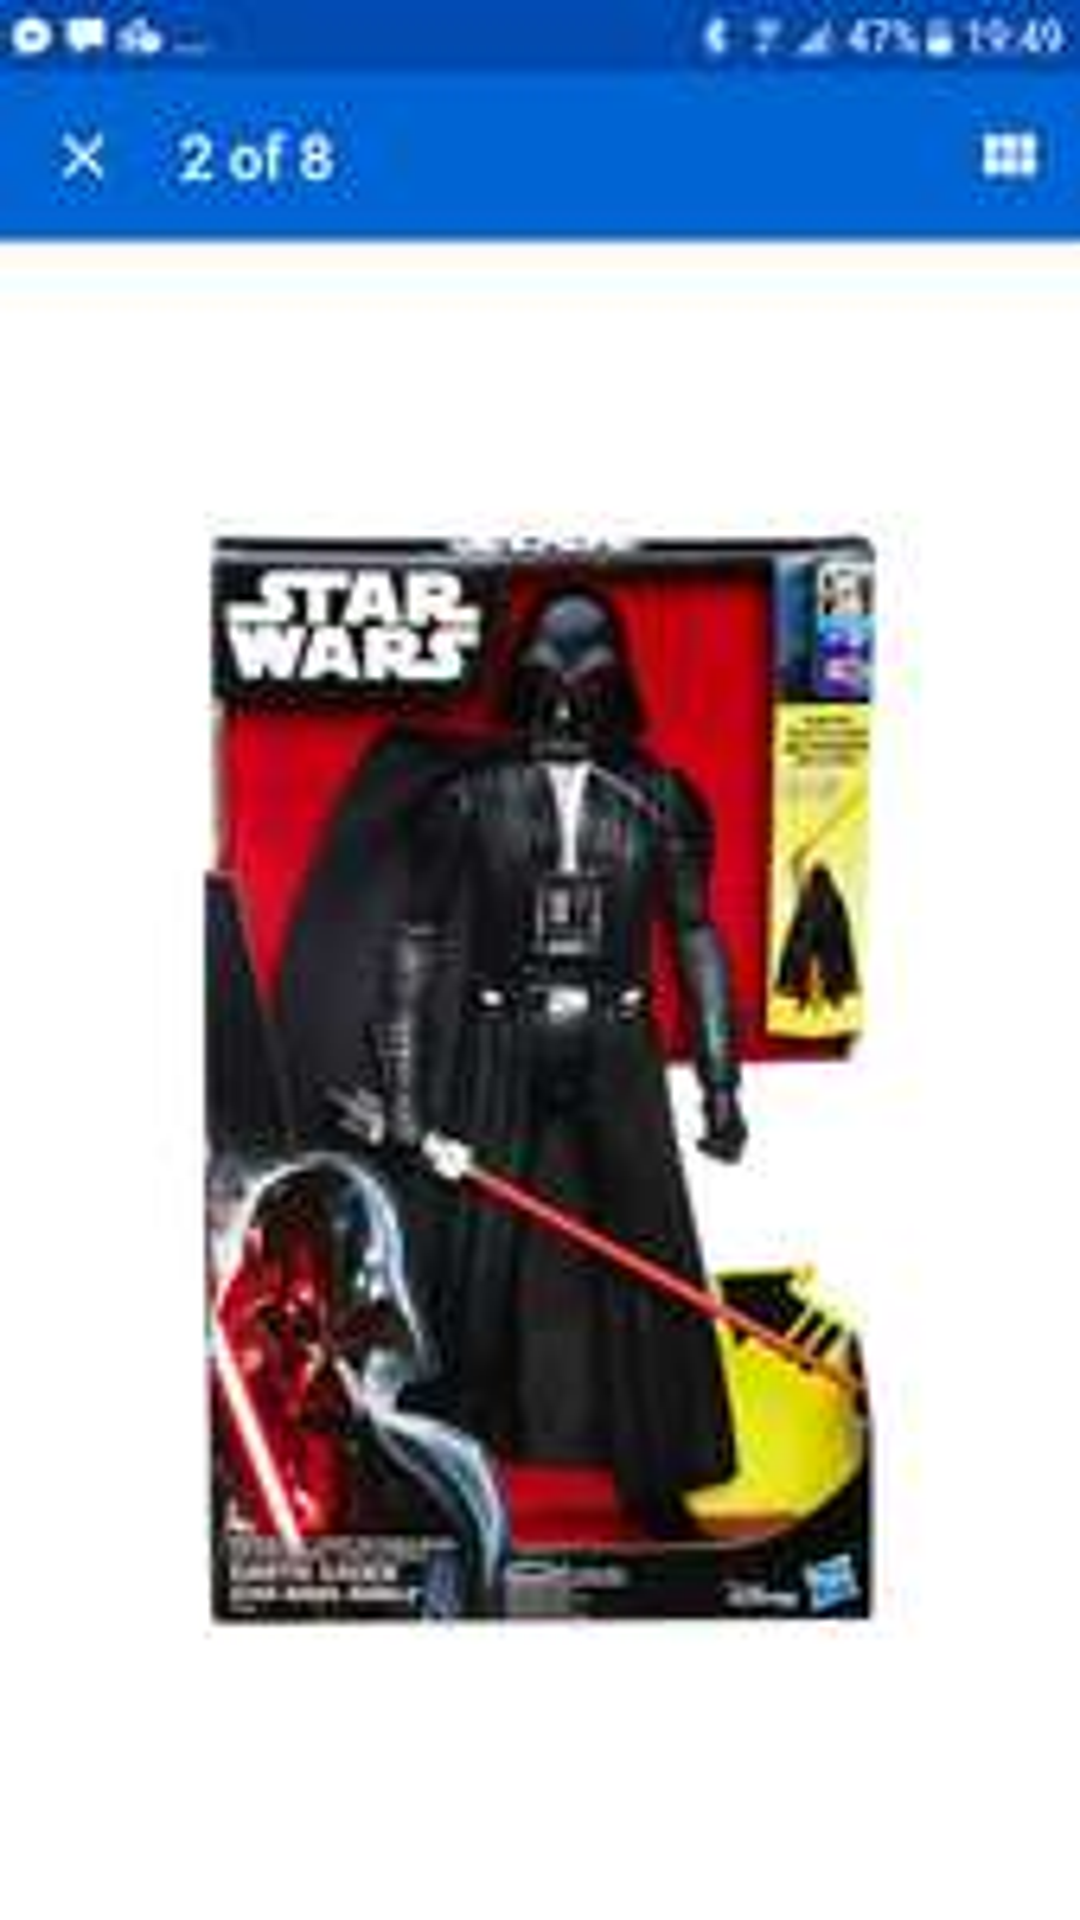 Star Wars Rebels Electronic duel Darth Vader 5.99 delivered @ Argos eBay shop (£13+ elsewhere)